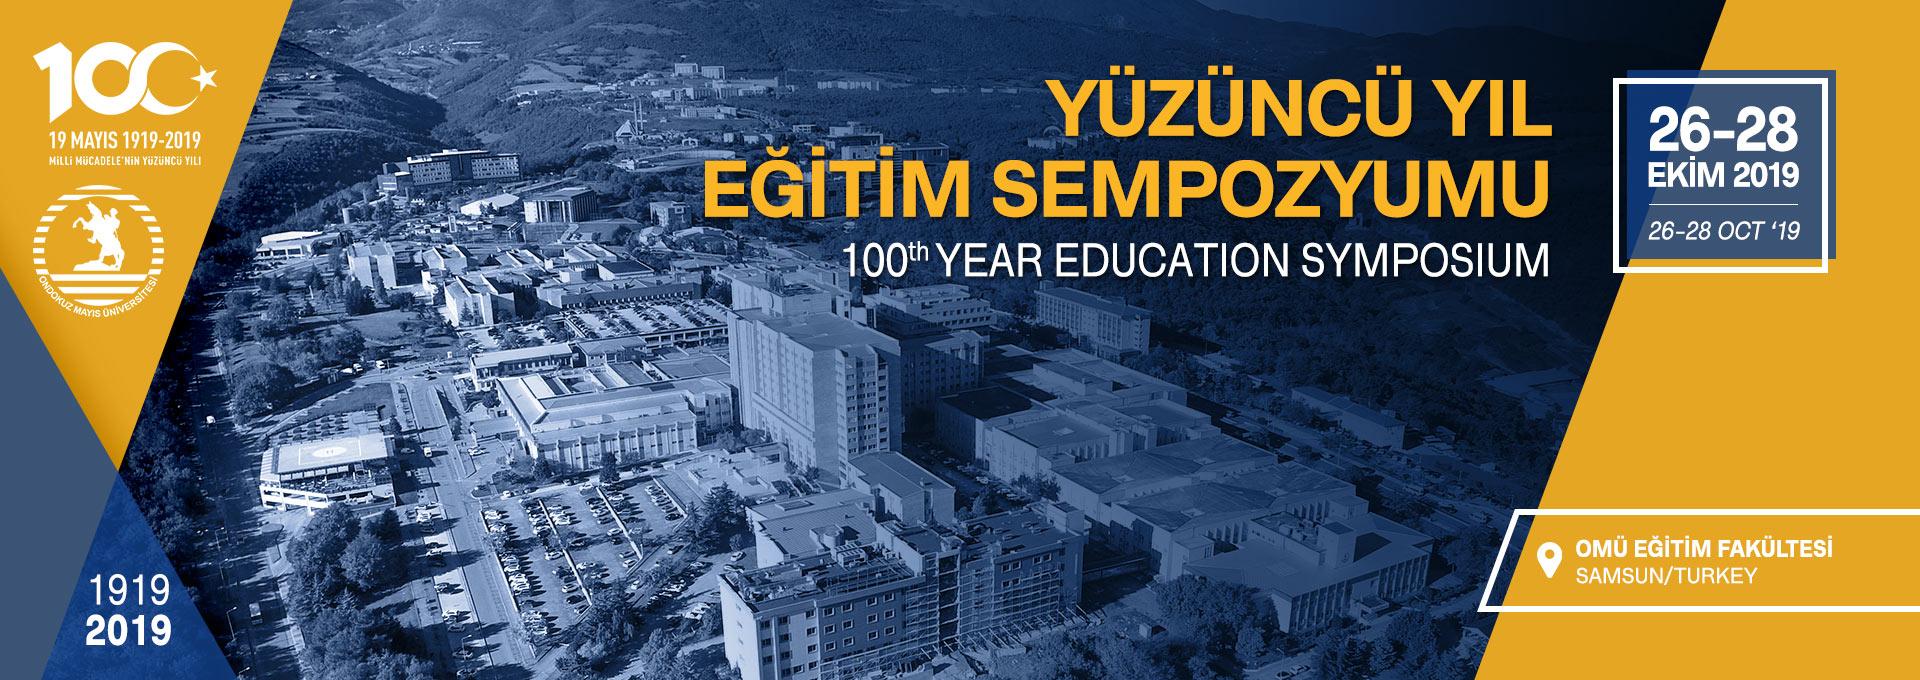 100. Yıl Eğitim Sempozyumu 1919-2019